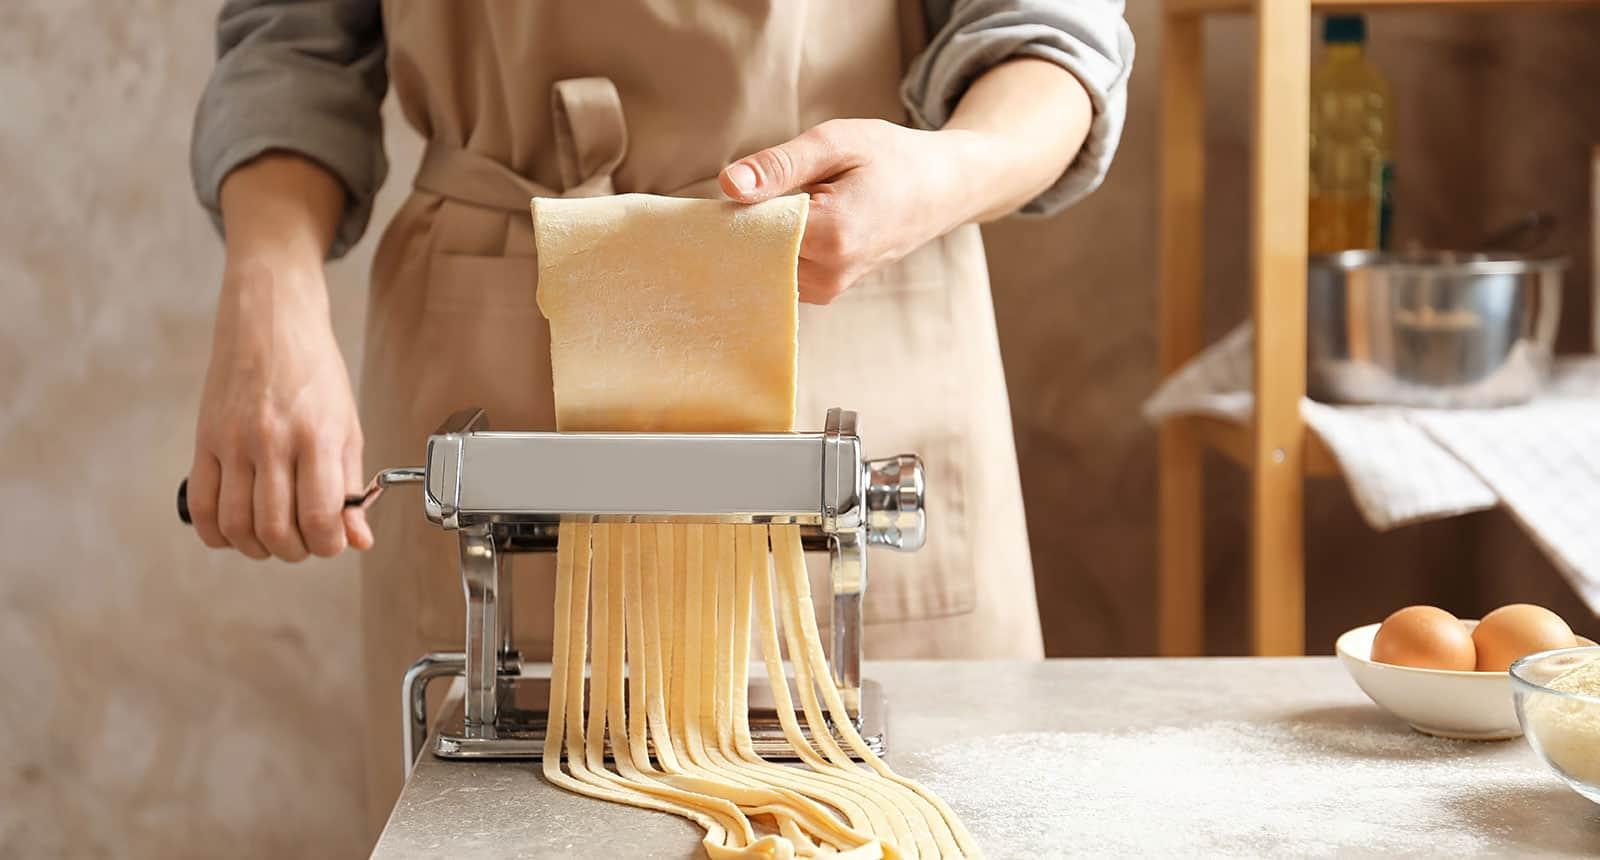 Crank Pasta Machine